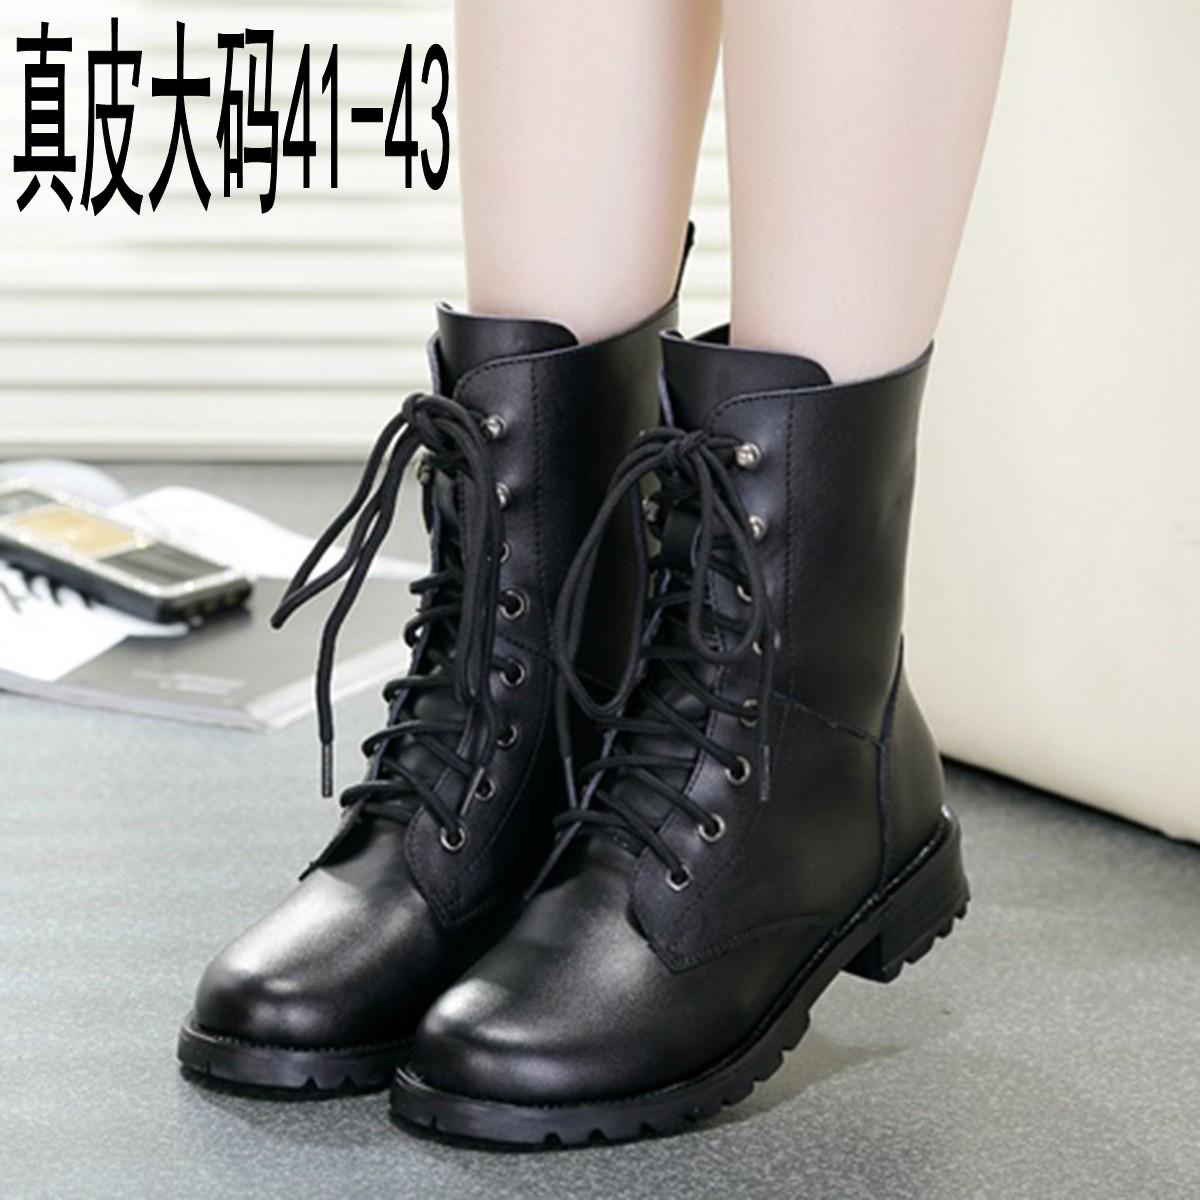 真皮马丁靴子英伦潮中筒靴平底女鞋特大码女靴40-41-43秋冬季短靴